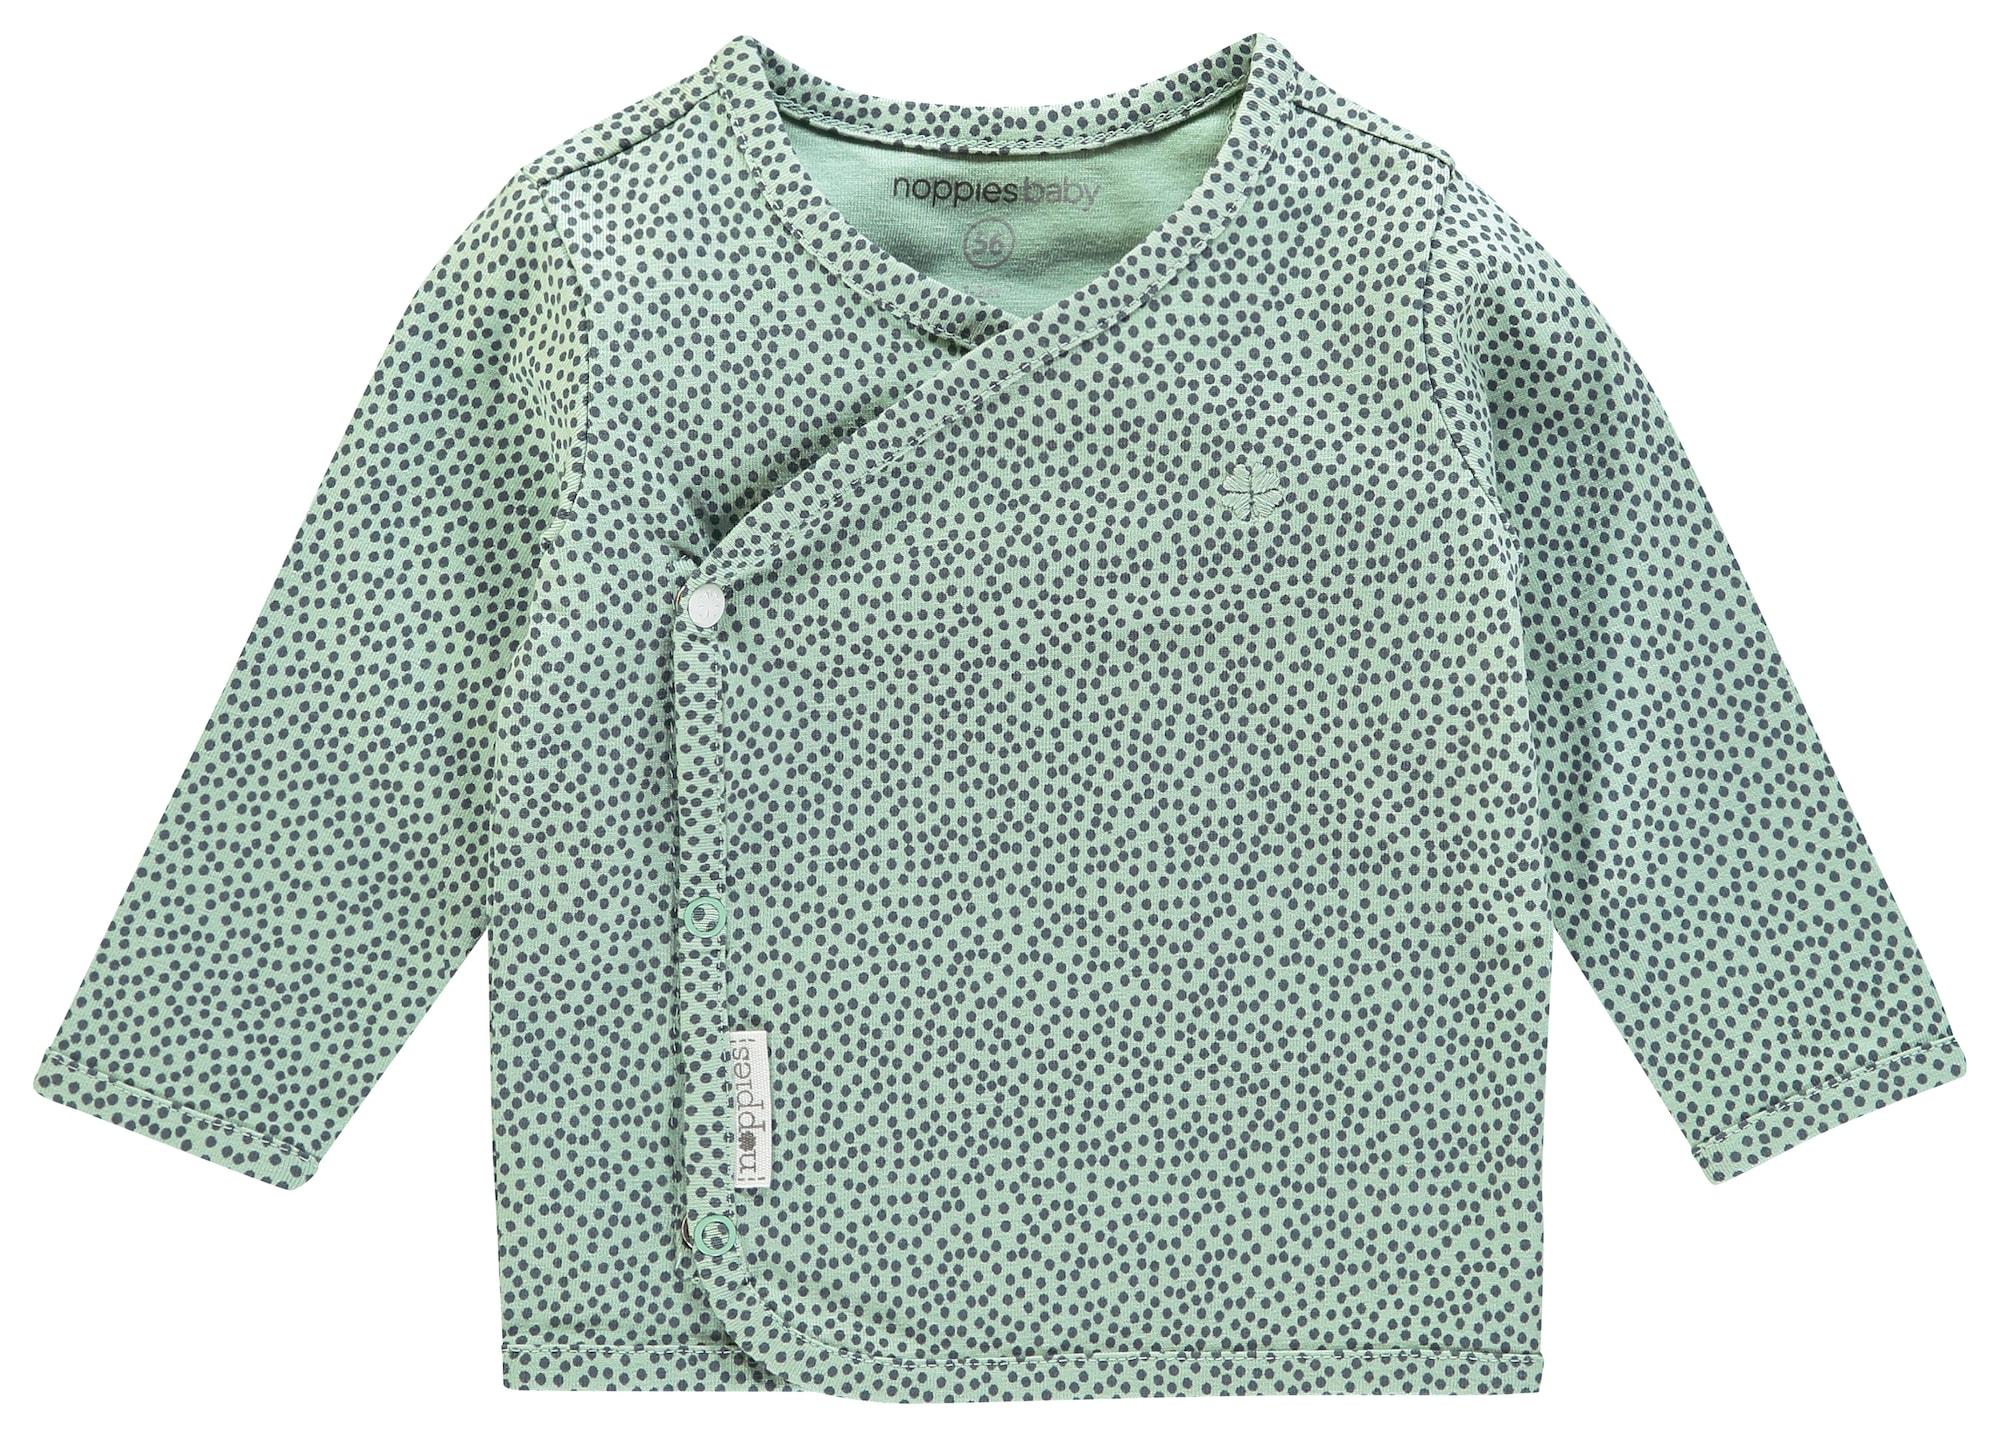 Noppies Marškinėliai 'Hannah' tamsiai žalia / mėtų spalva